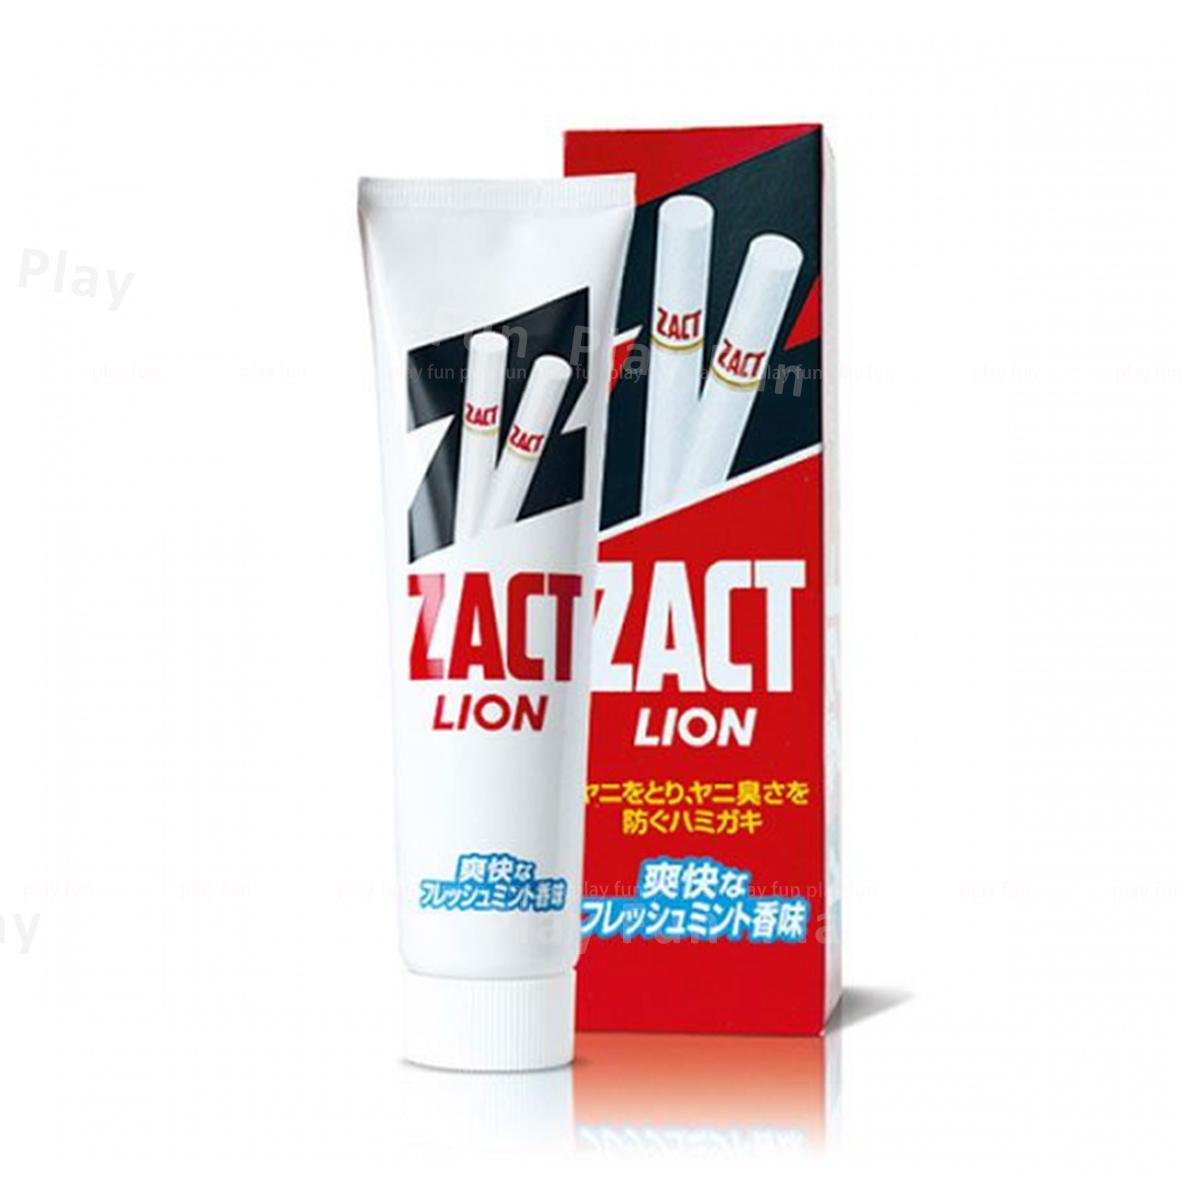 獅王 - ZACT 強效去煙漬牙垢防口臭牙膏